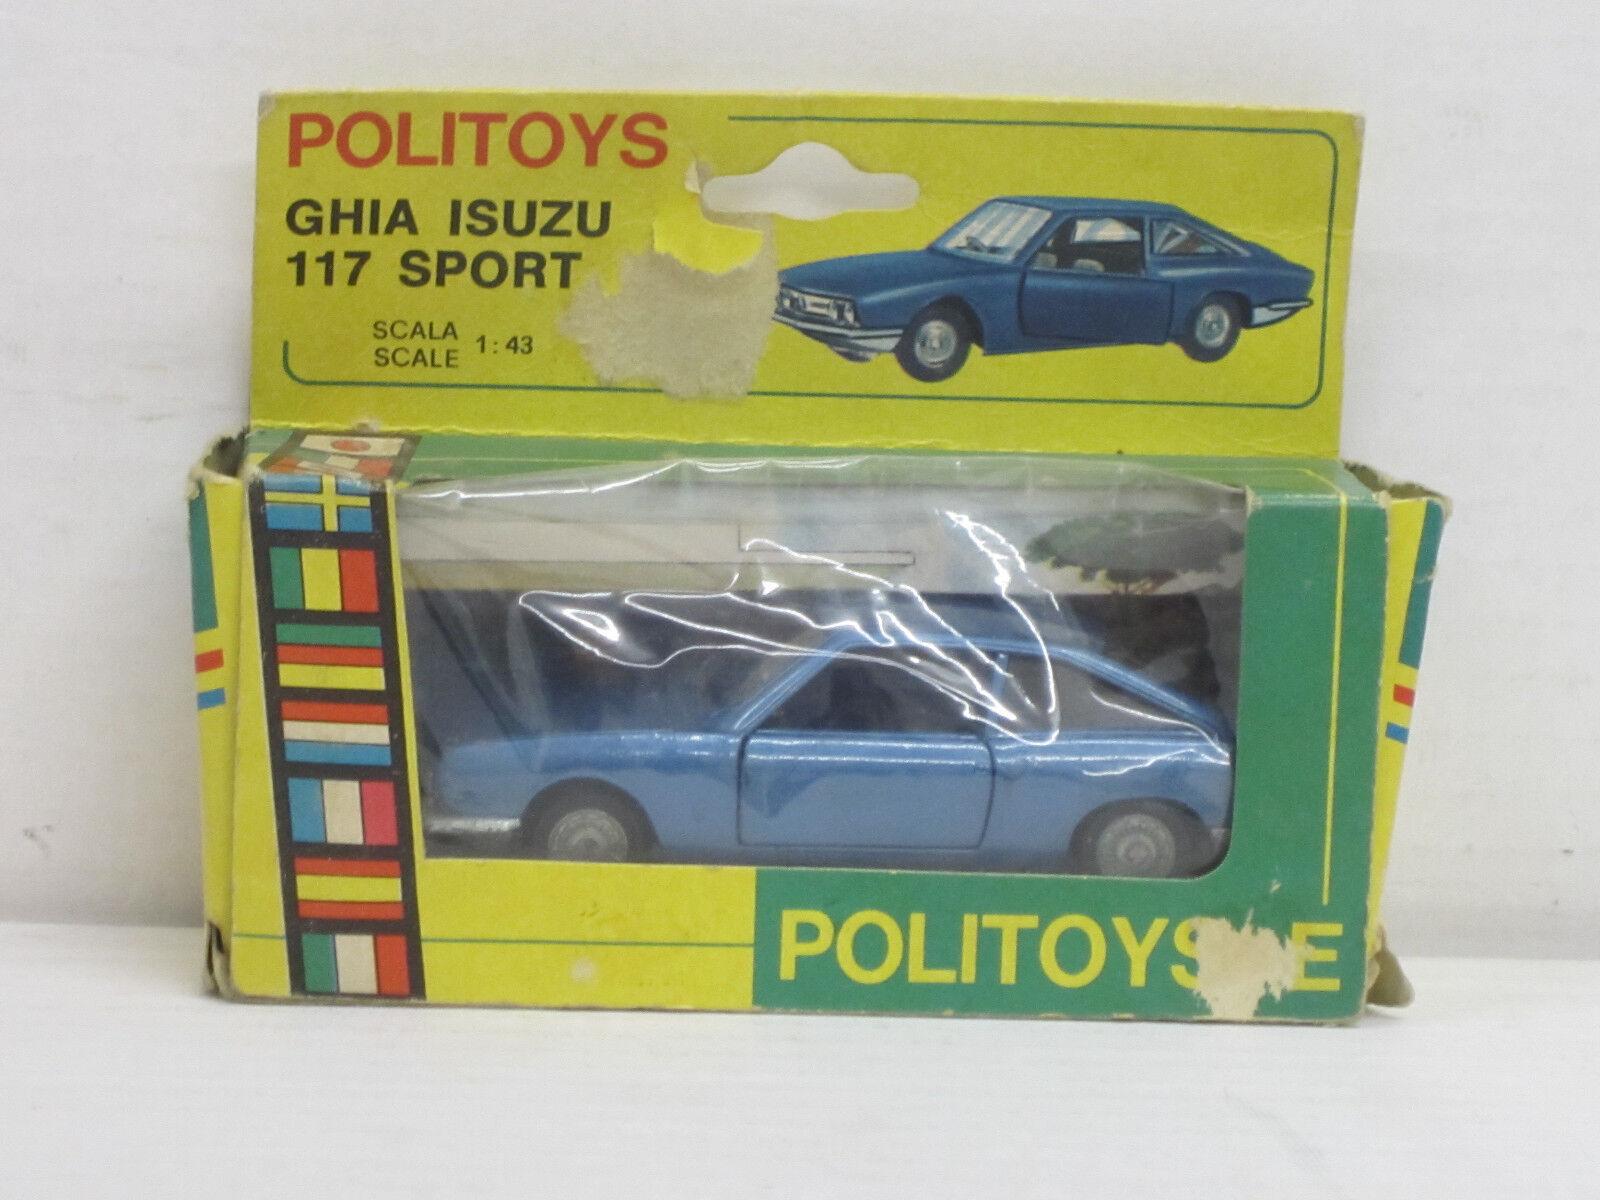 Ghia Isuzu 117 deporte en azul metalizado, embalaje original, original, original, Politoys 544, 1 43 23becb